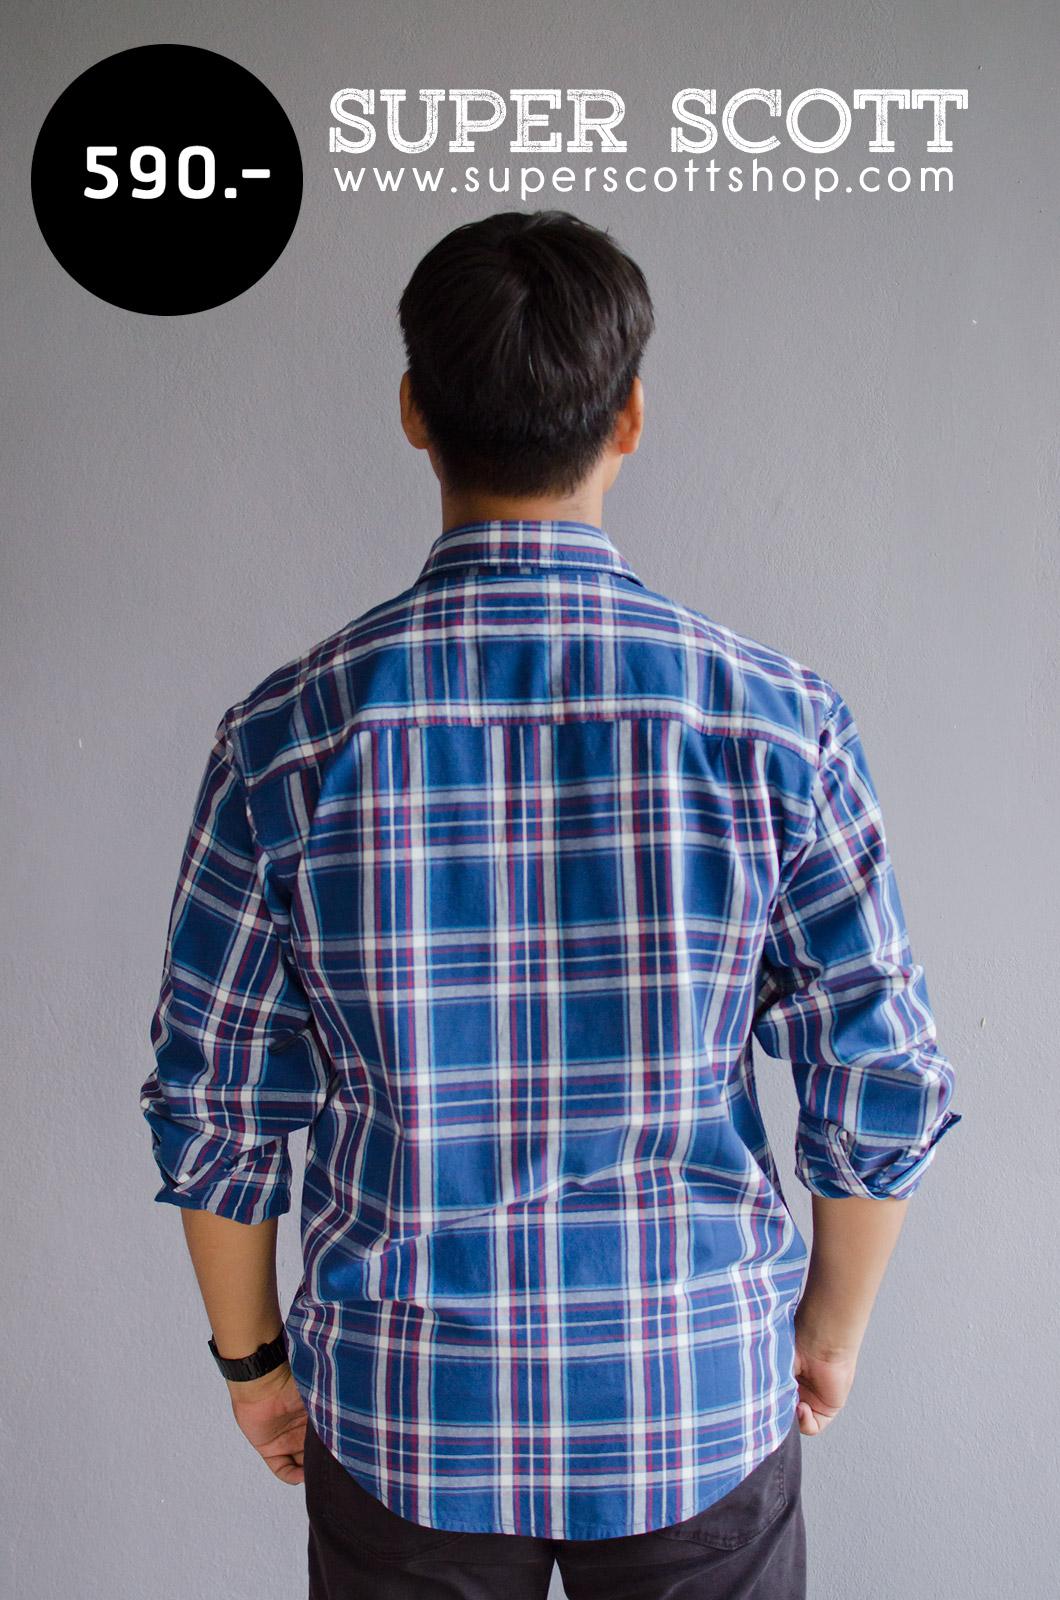 เสื้อลายสก๊อตผู้ชาย สีน้ำเงิน ไซส์ใหญ่